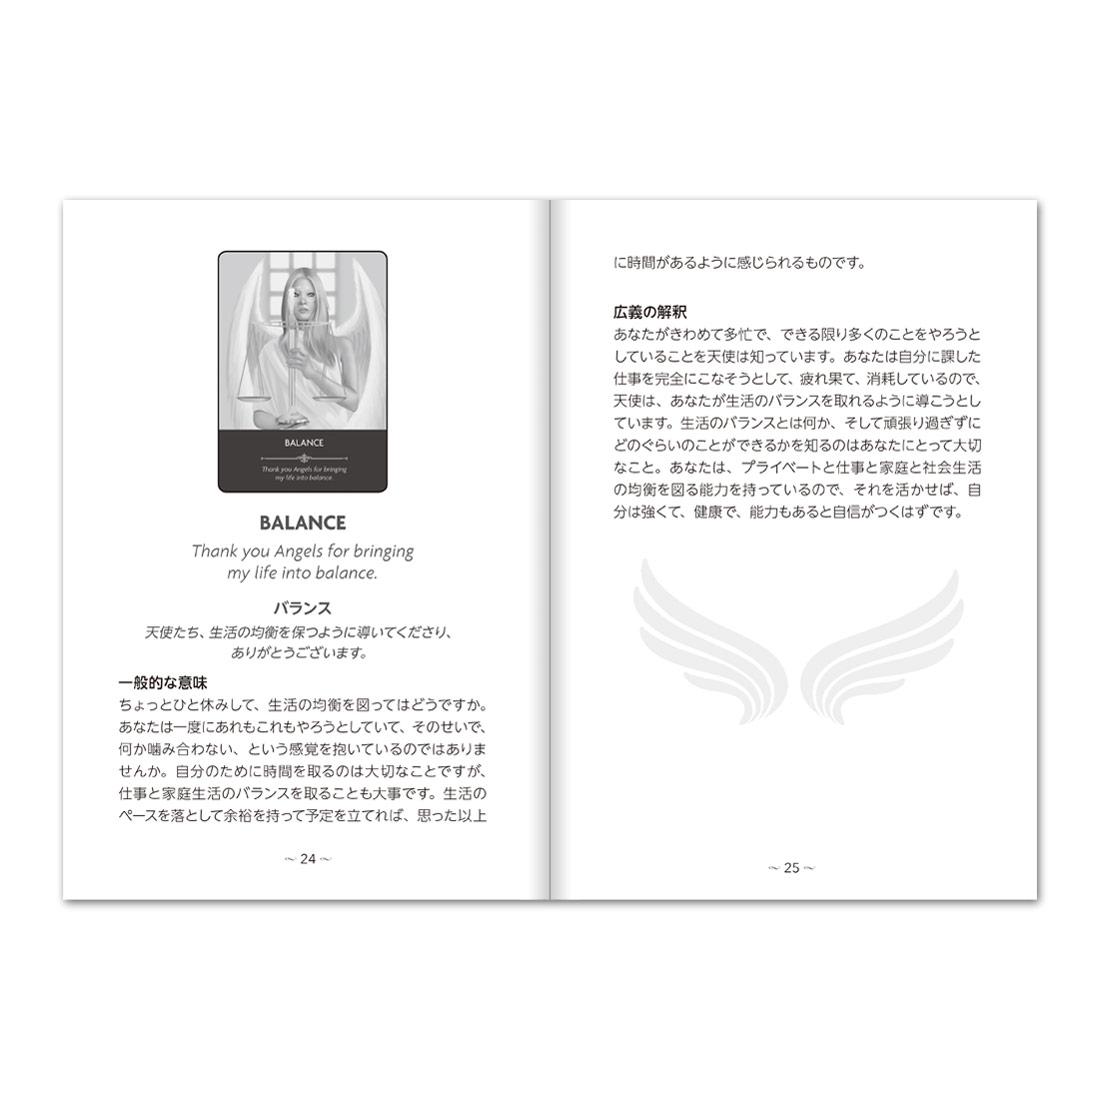 【初回限定特典付き】エンジェルプレイヤーオラクルカード